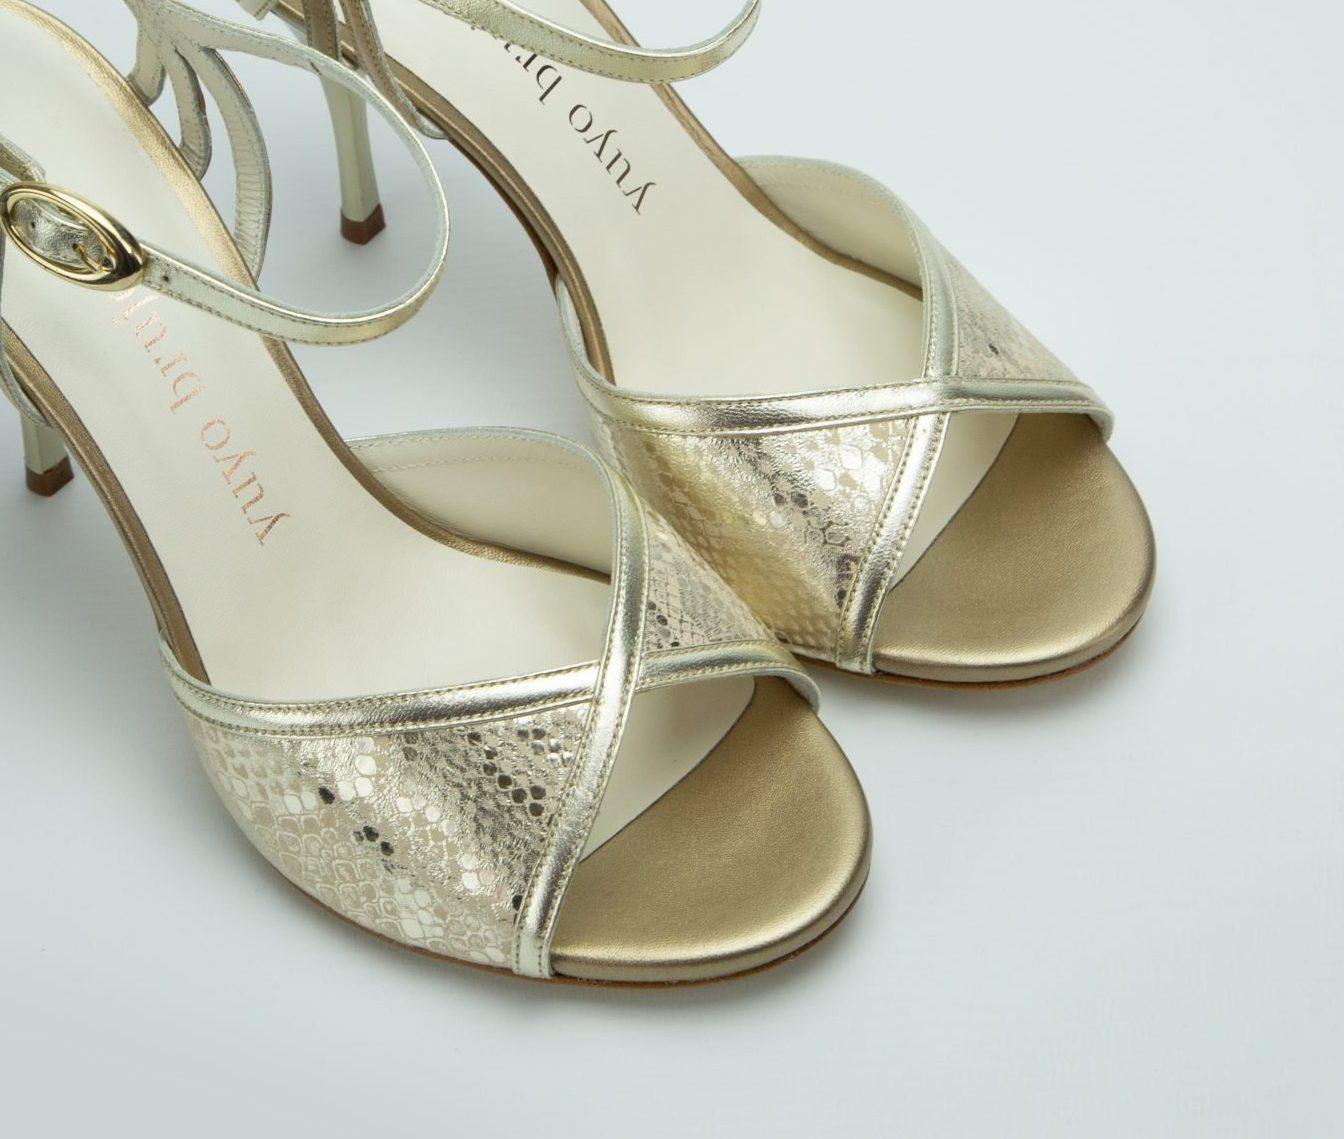 Yacare Abierto - Yuyo Brujo Tango Shoes